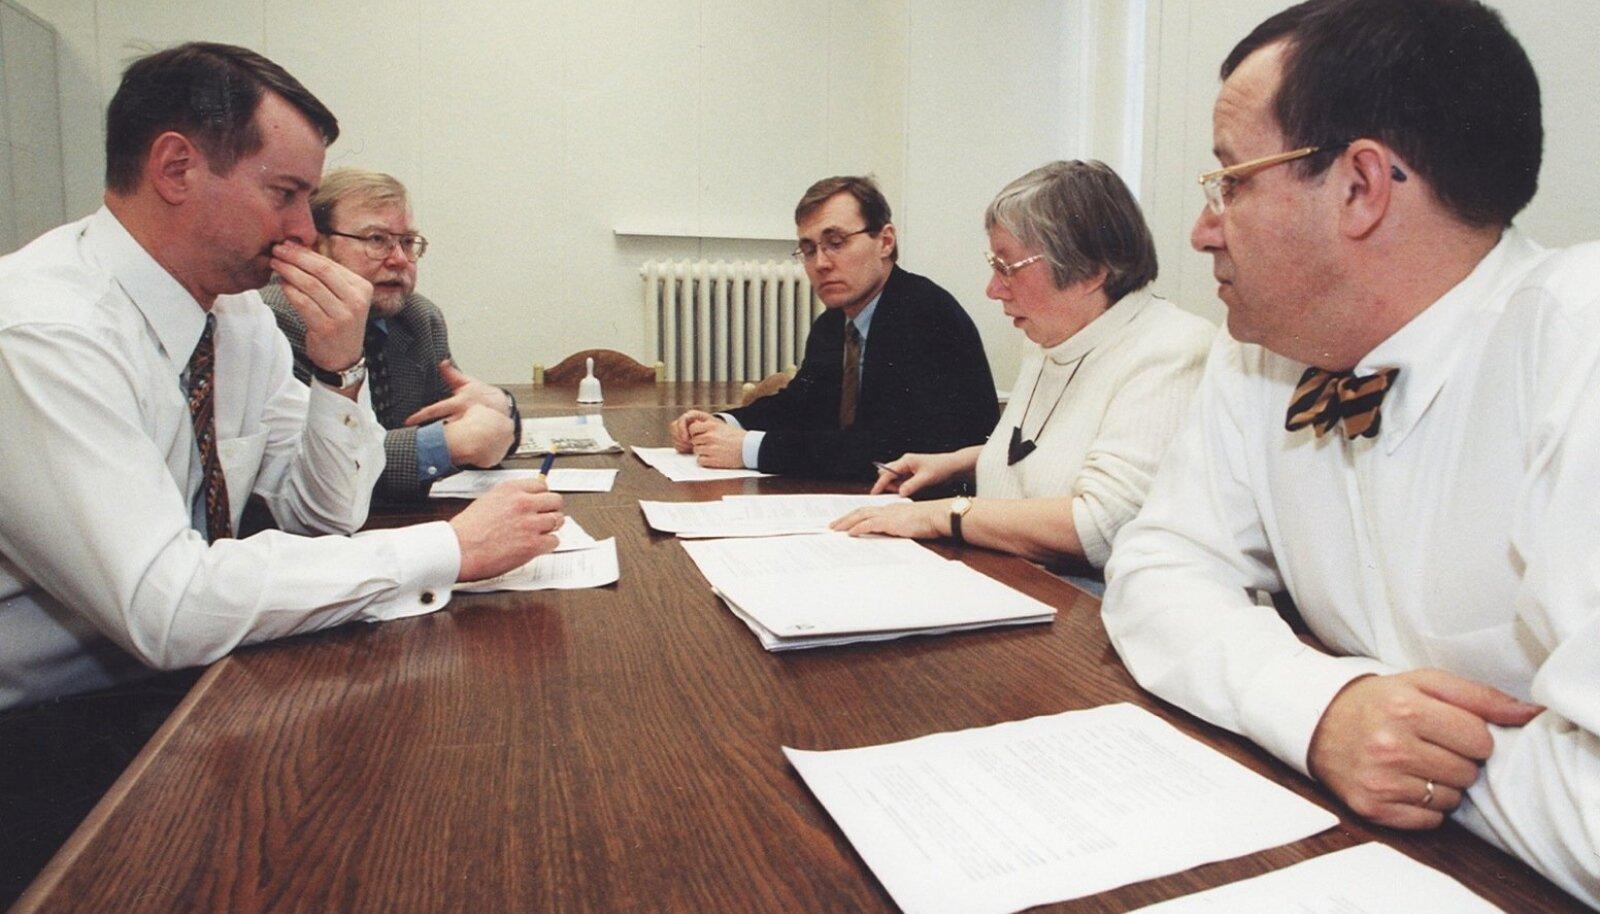 VALITSUS 1999: Reformierakond, Isamaaliit ja Mõõdukad koalitsioonileppe üle arutamas.